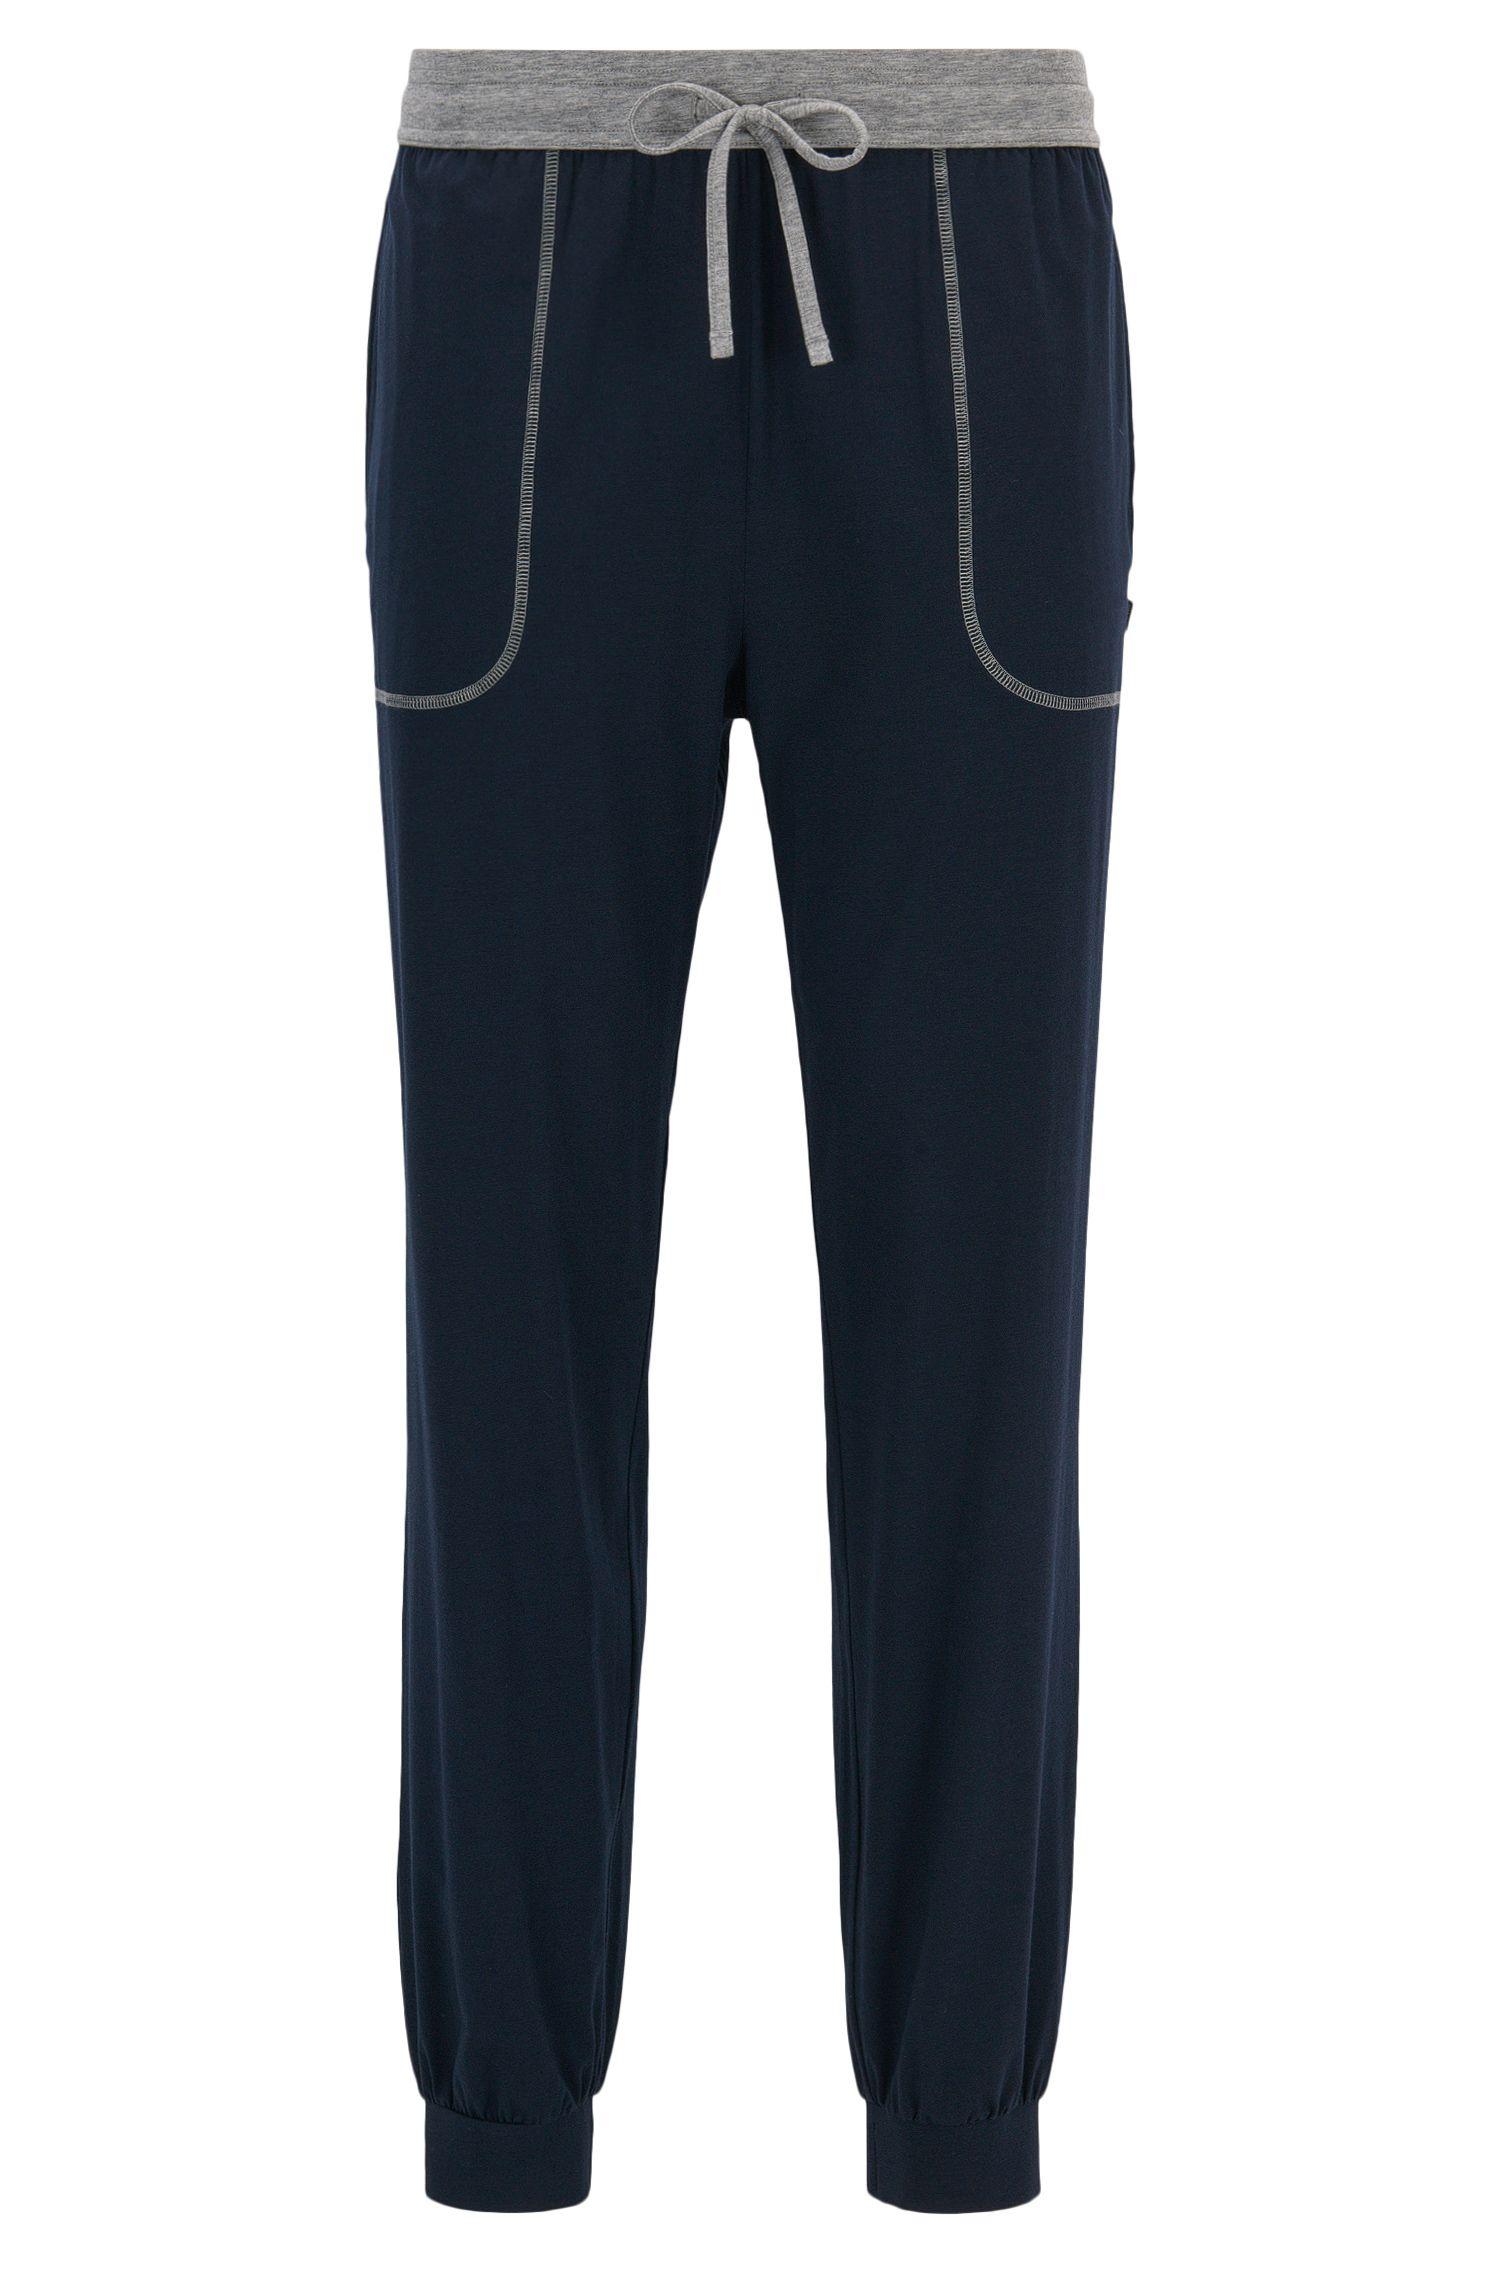 Pyjamabroek met boorden aan de pijpen, van stretchjersey van een katoenmix